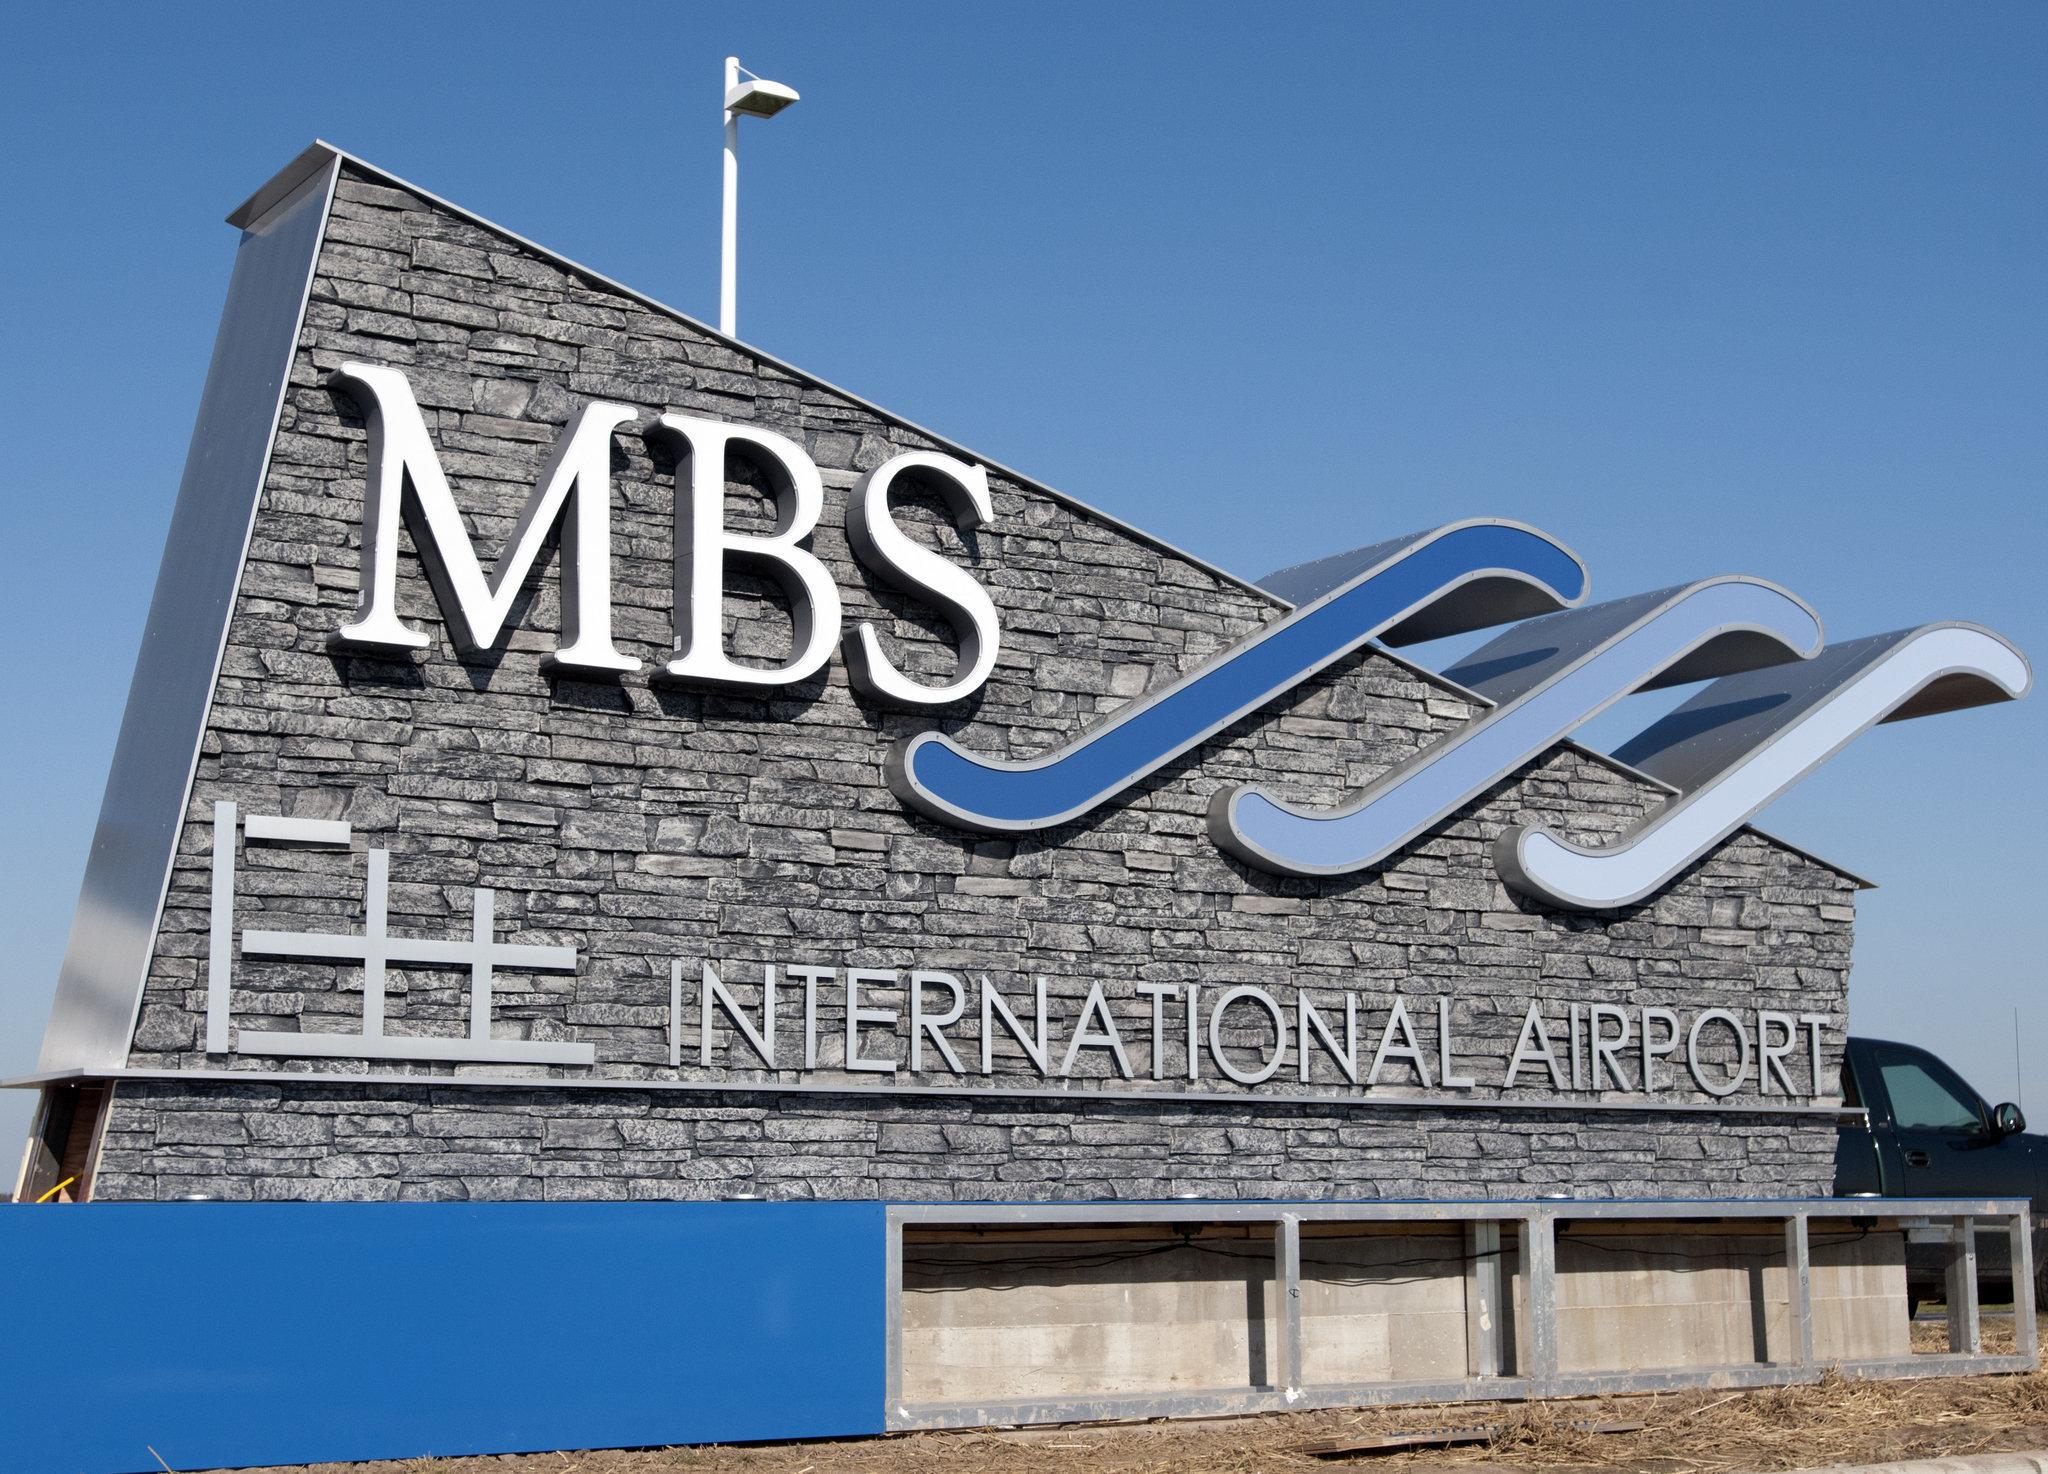 mbs-international-airport-3a9e8ce2517240af.jpg